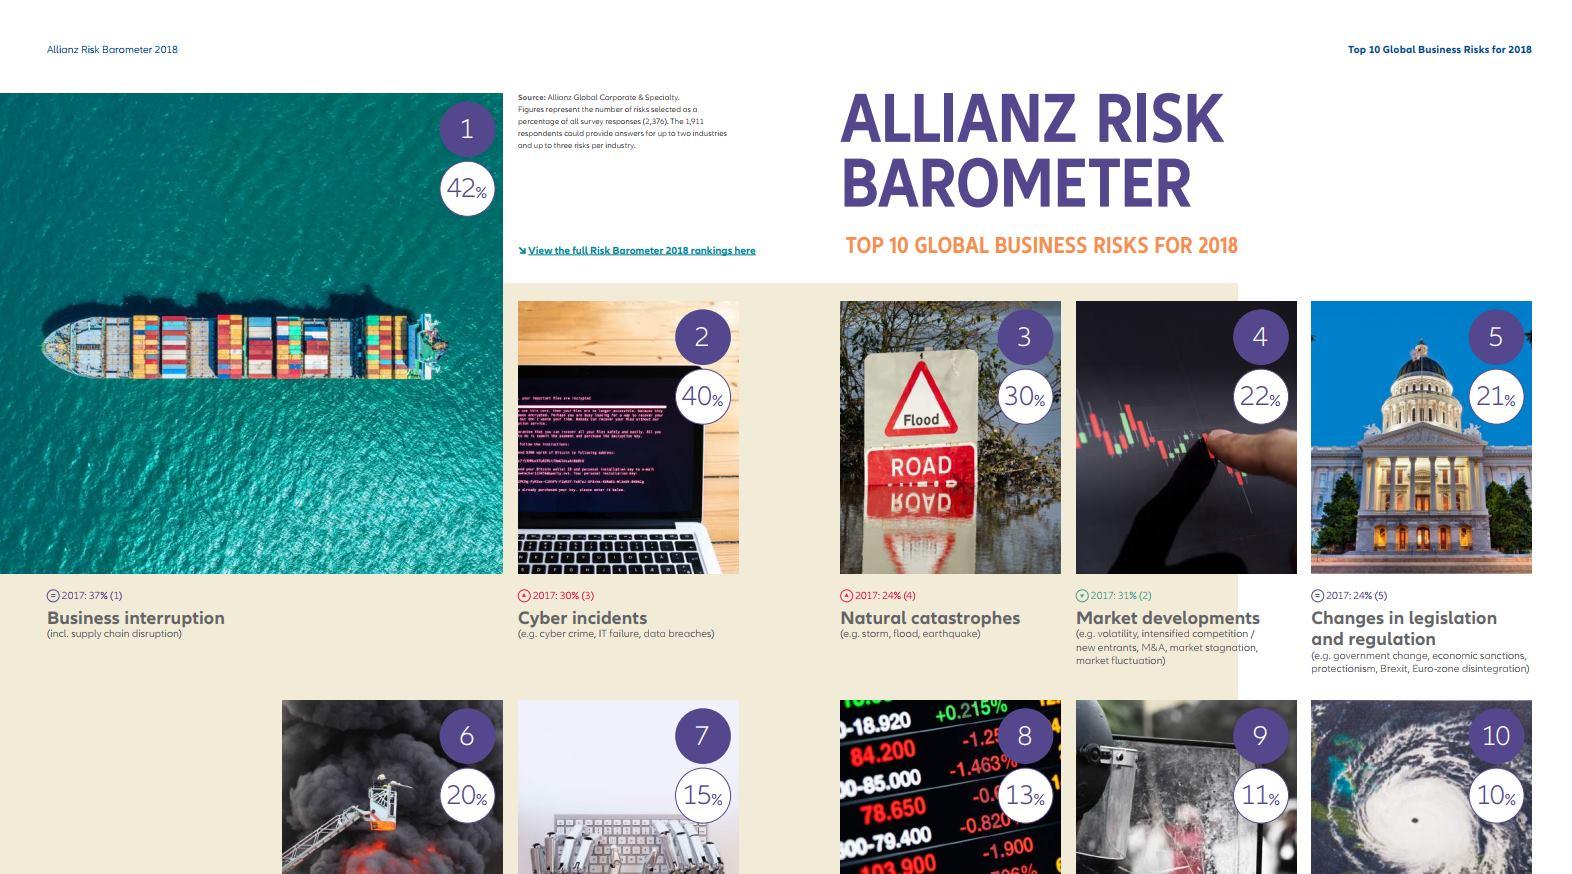 ALLIANZOV BAROMETAR RIZIKA Zastoji u poslovanju i cyber incidenti dominantni poslovni rizici u 2018. godini